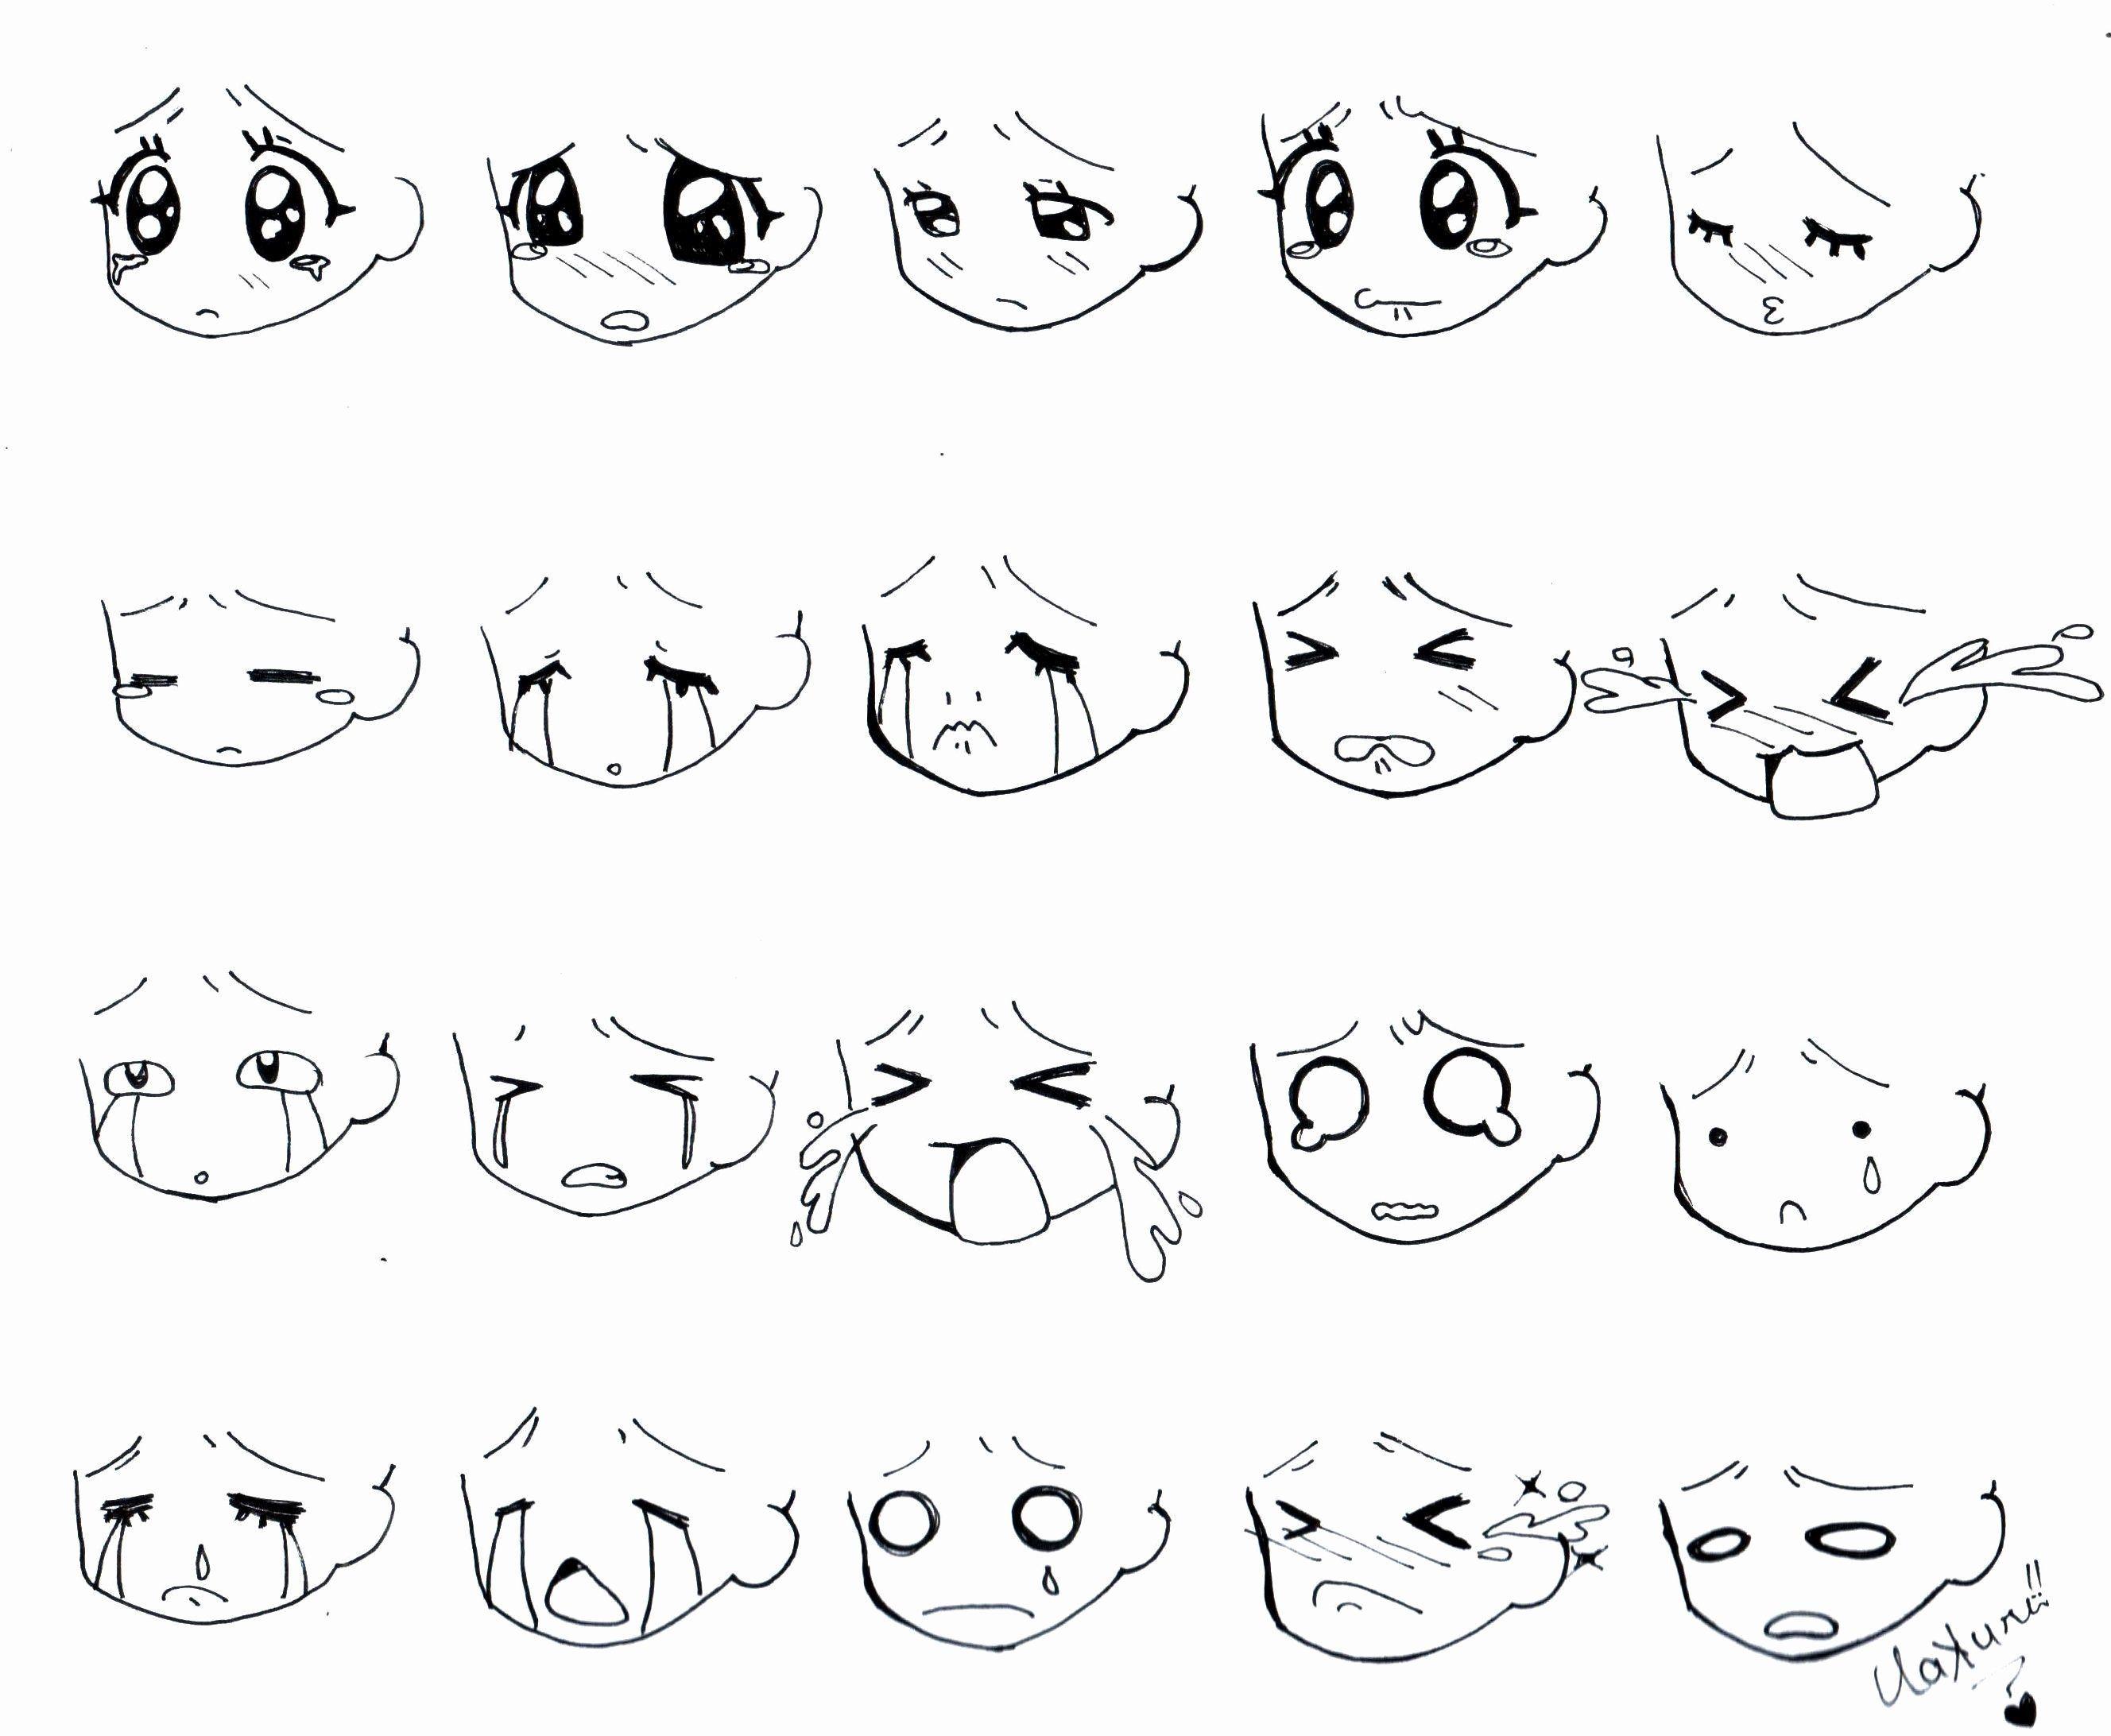 マンガ詳しくは通信販売でのご予約購入図書の美しいマンガのフォルメ顔の2作のアイデア2019年 - Everything About Manga